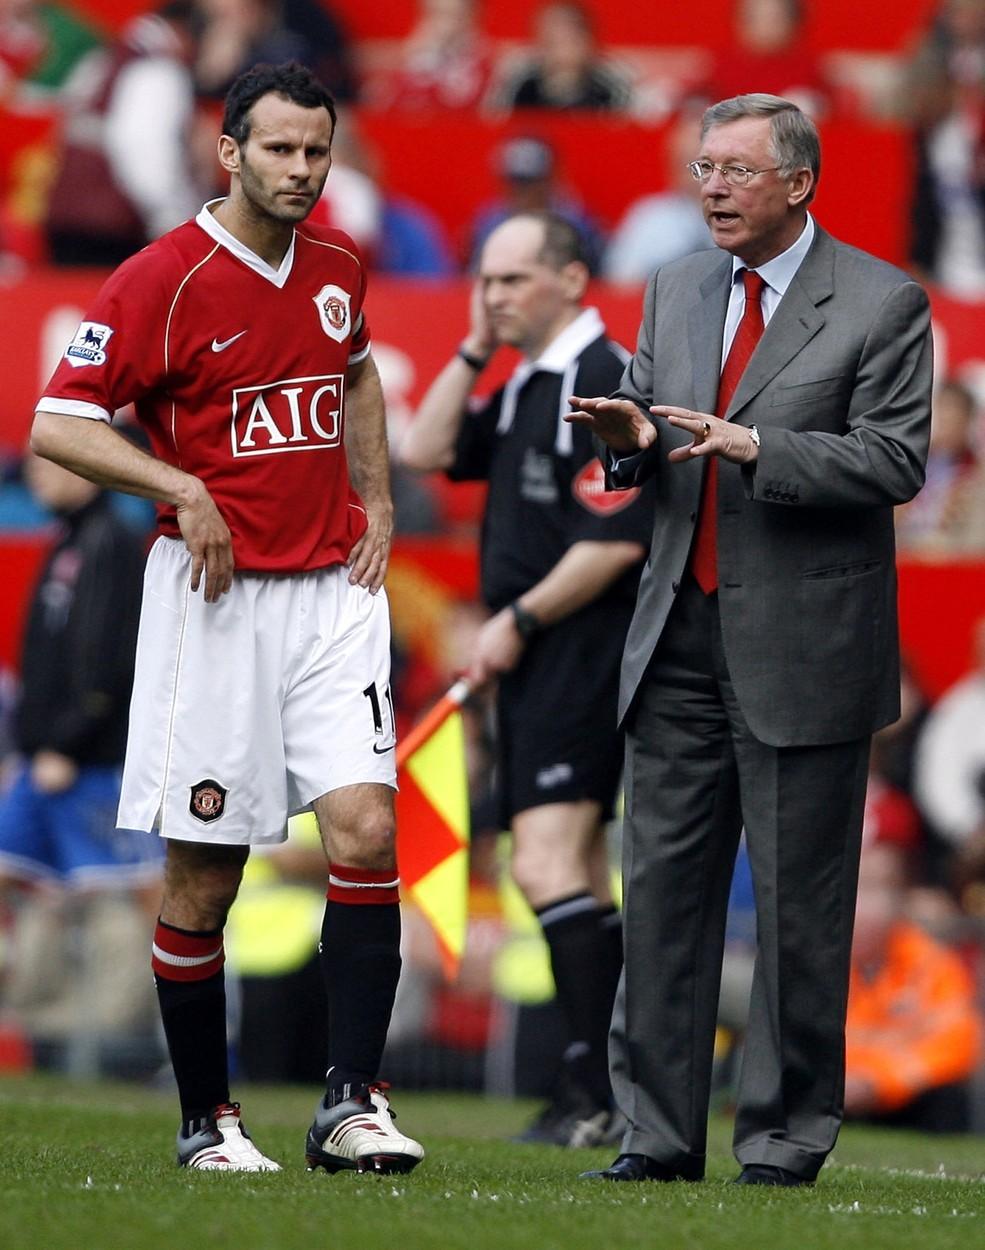 Ryan Giggs (vlevo) a Alex Ferguson (vpravo) společně zanechali v Manchesteru United výjimečnou stopu